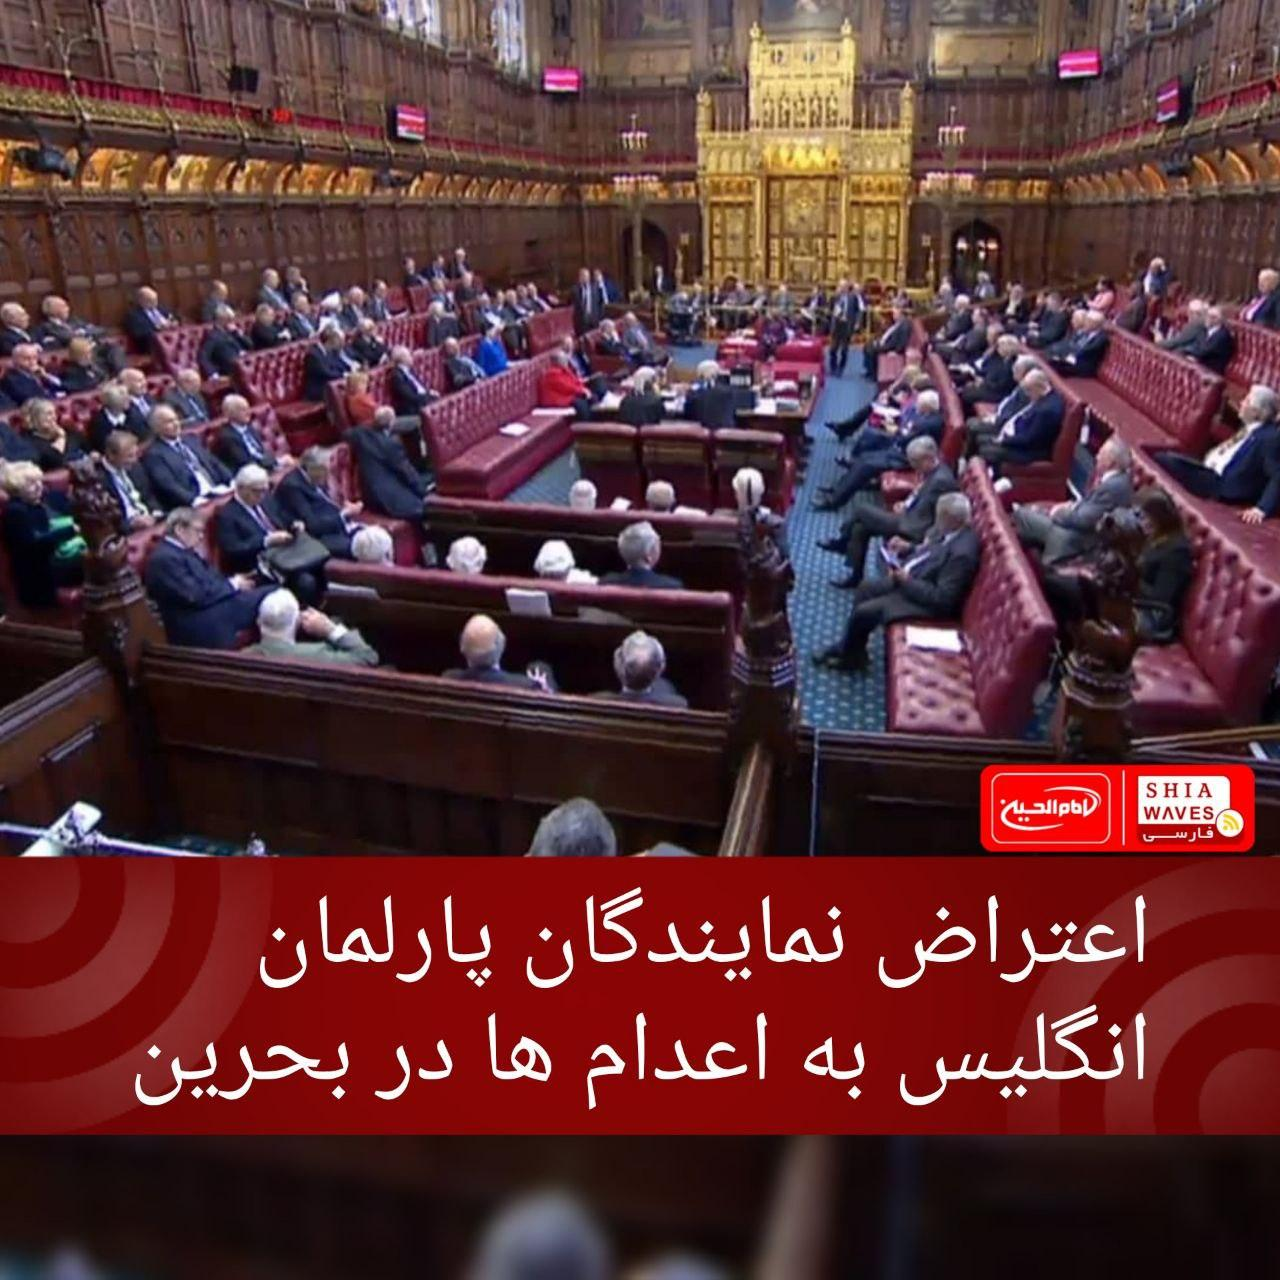 تصویر اعتراض نمایندگان پارلمان انگلیس به اعدام ها در بحرین